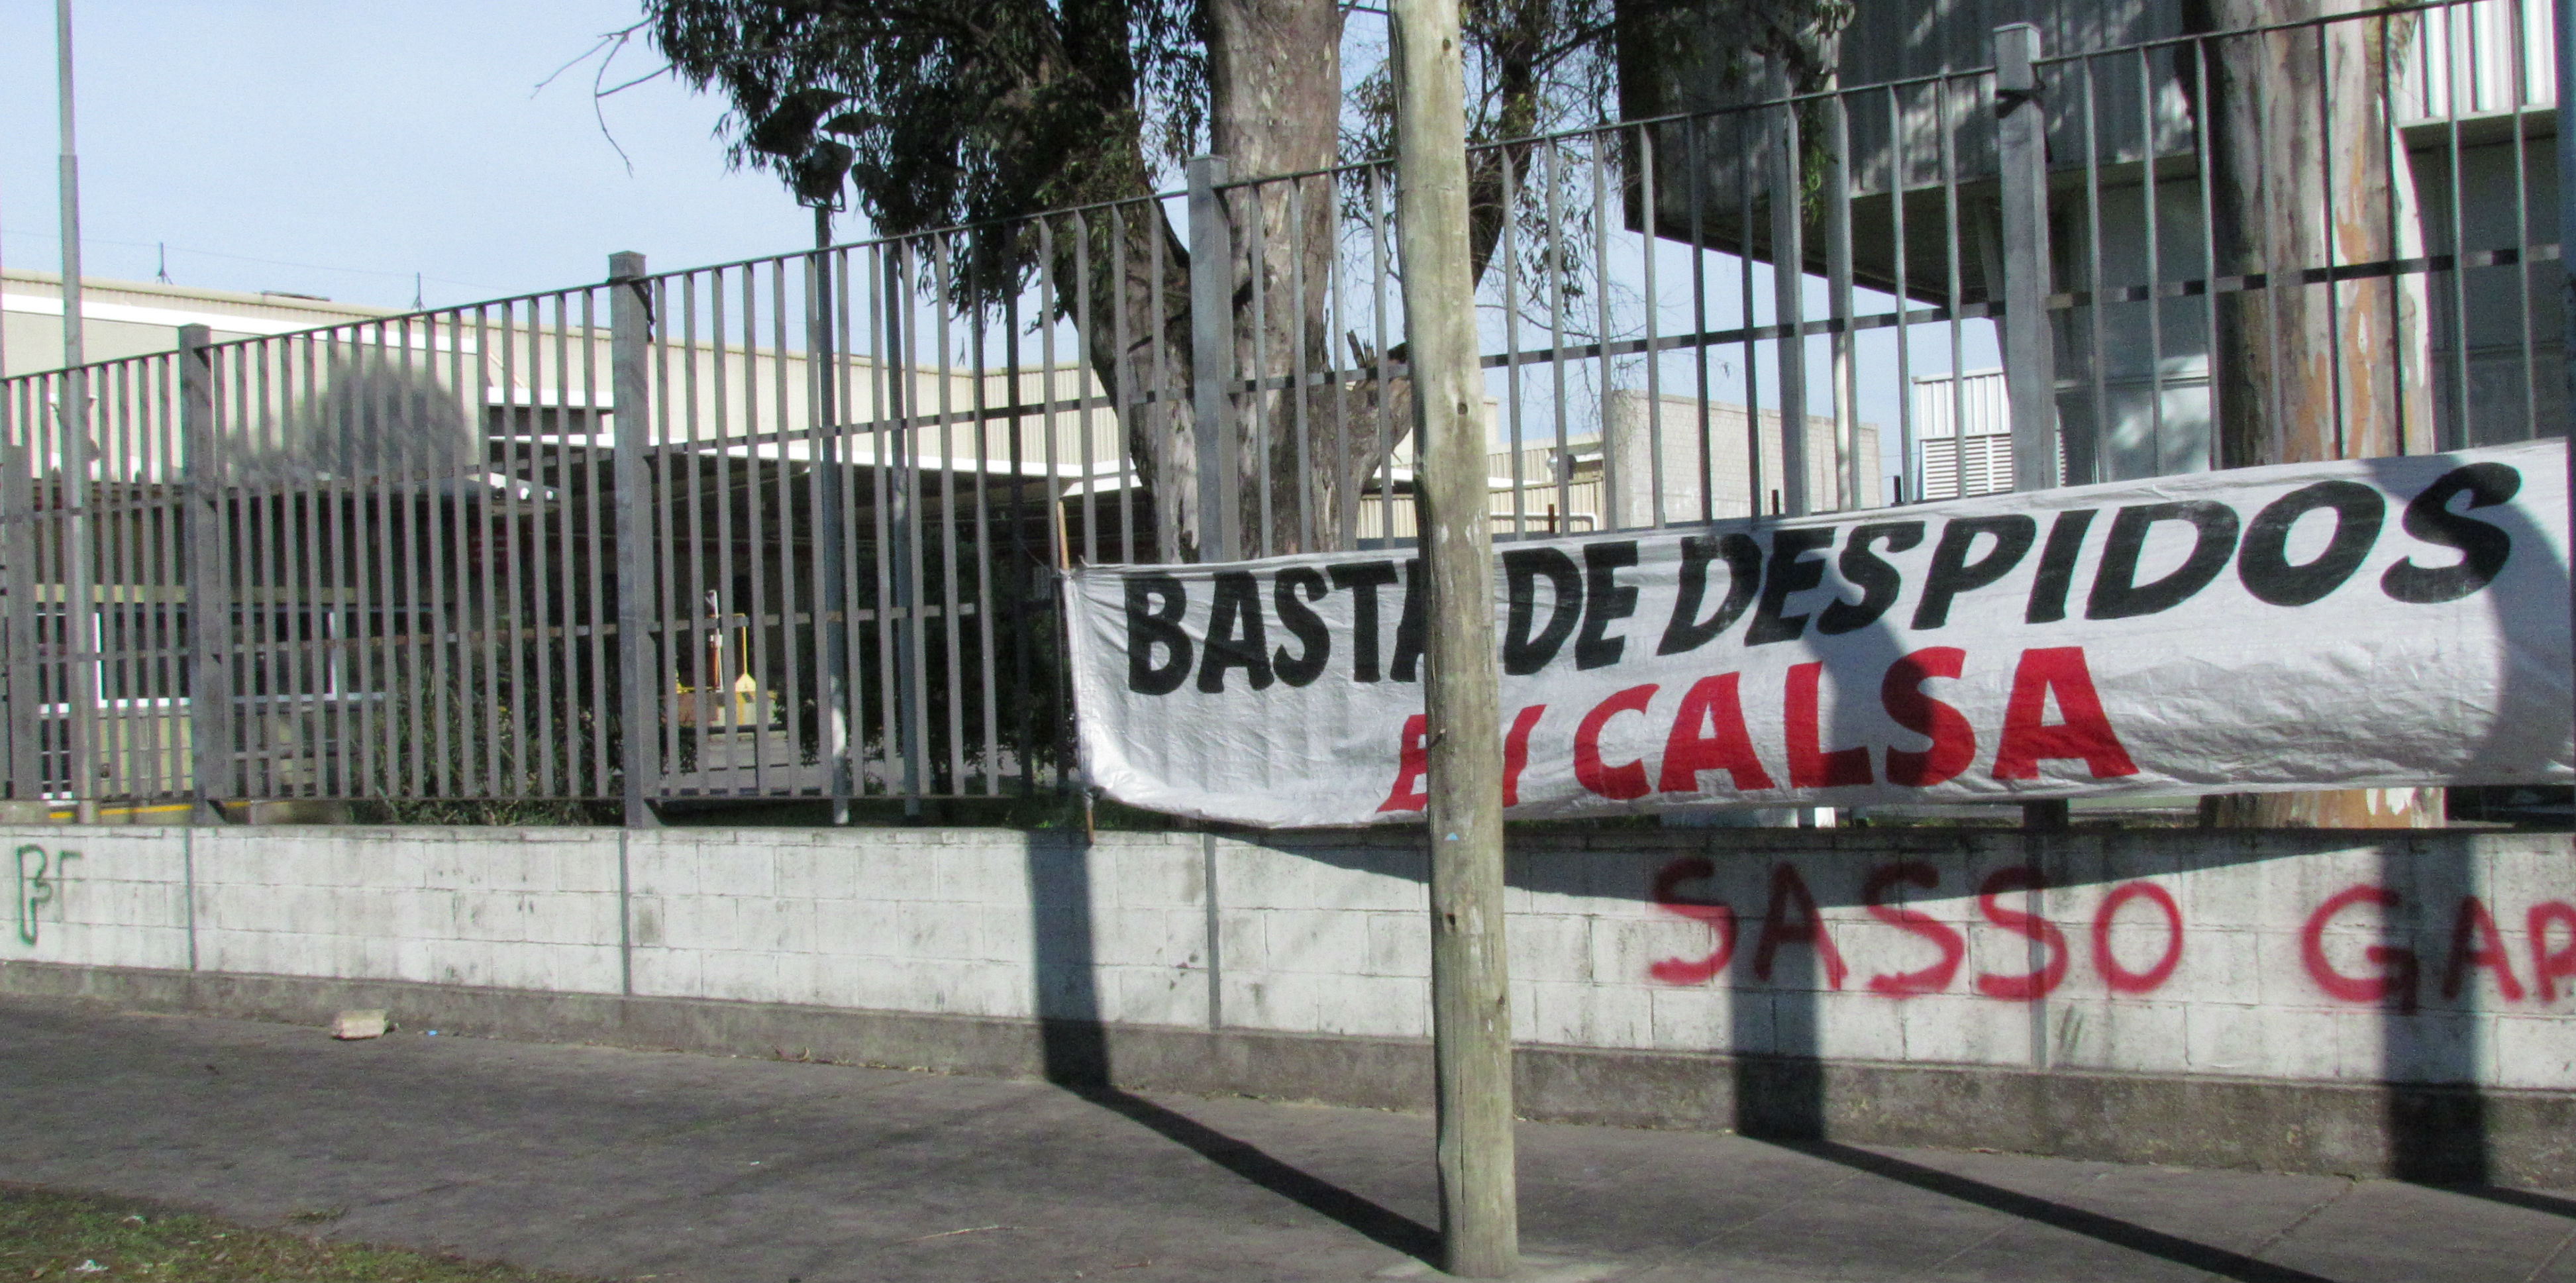 Denuncias penales y nueva reunión en Calsa